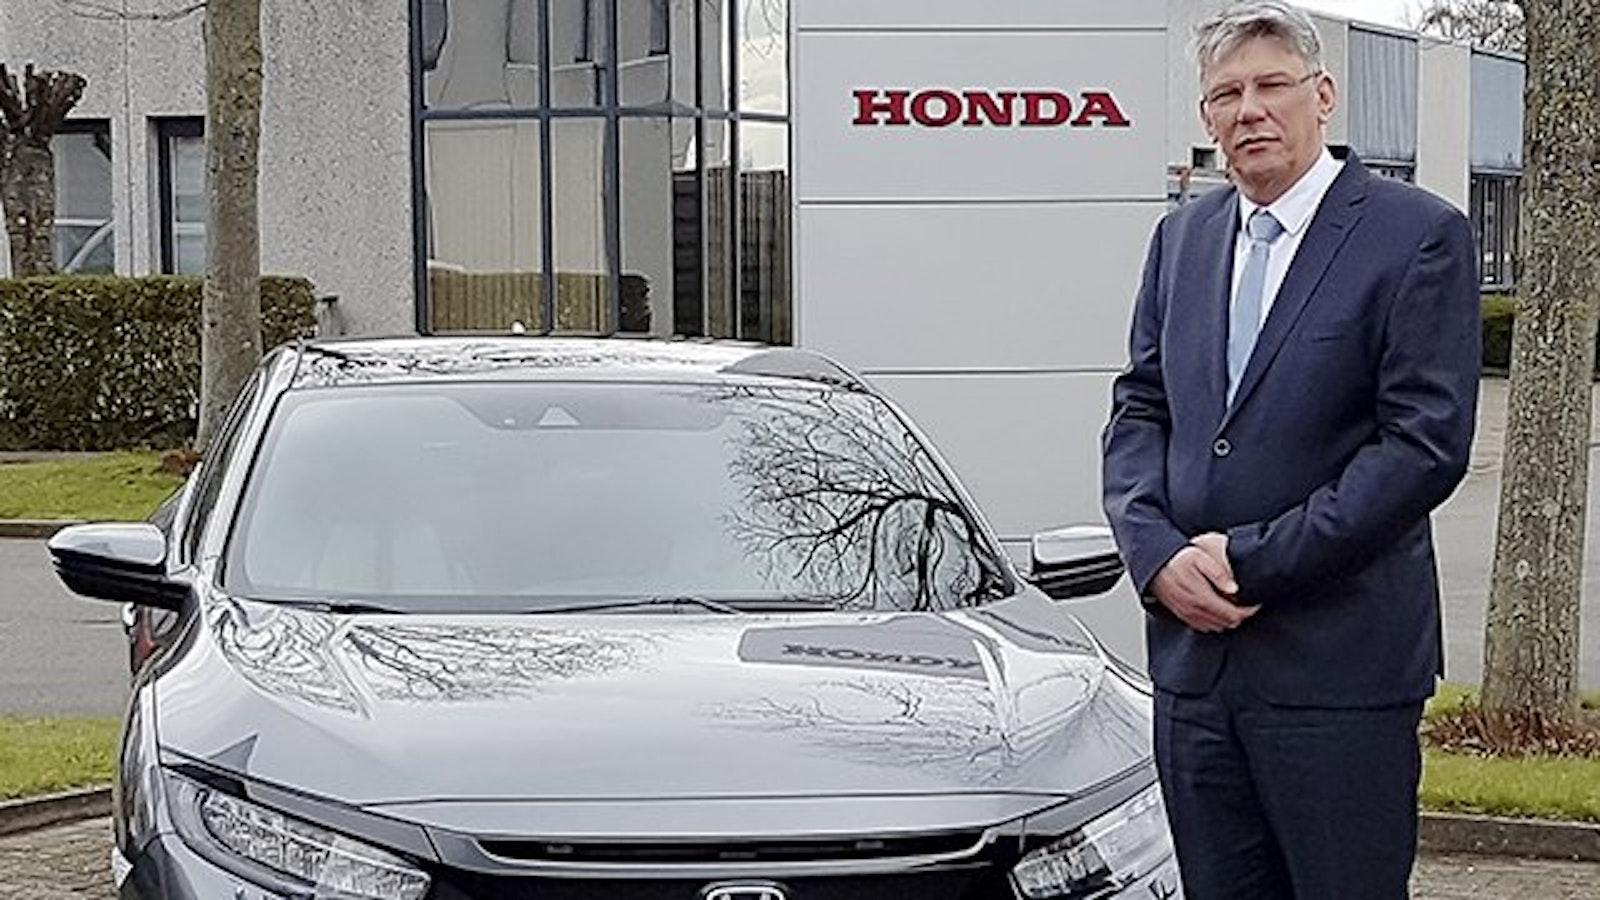 Honda baas